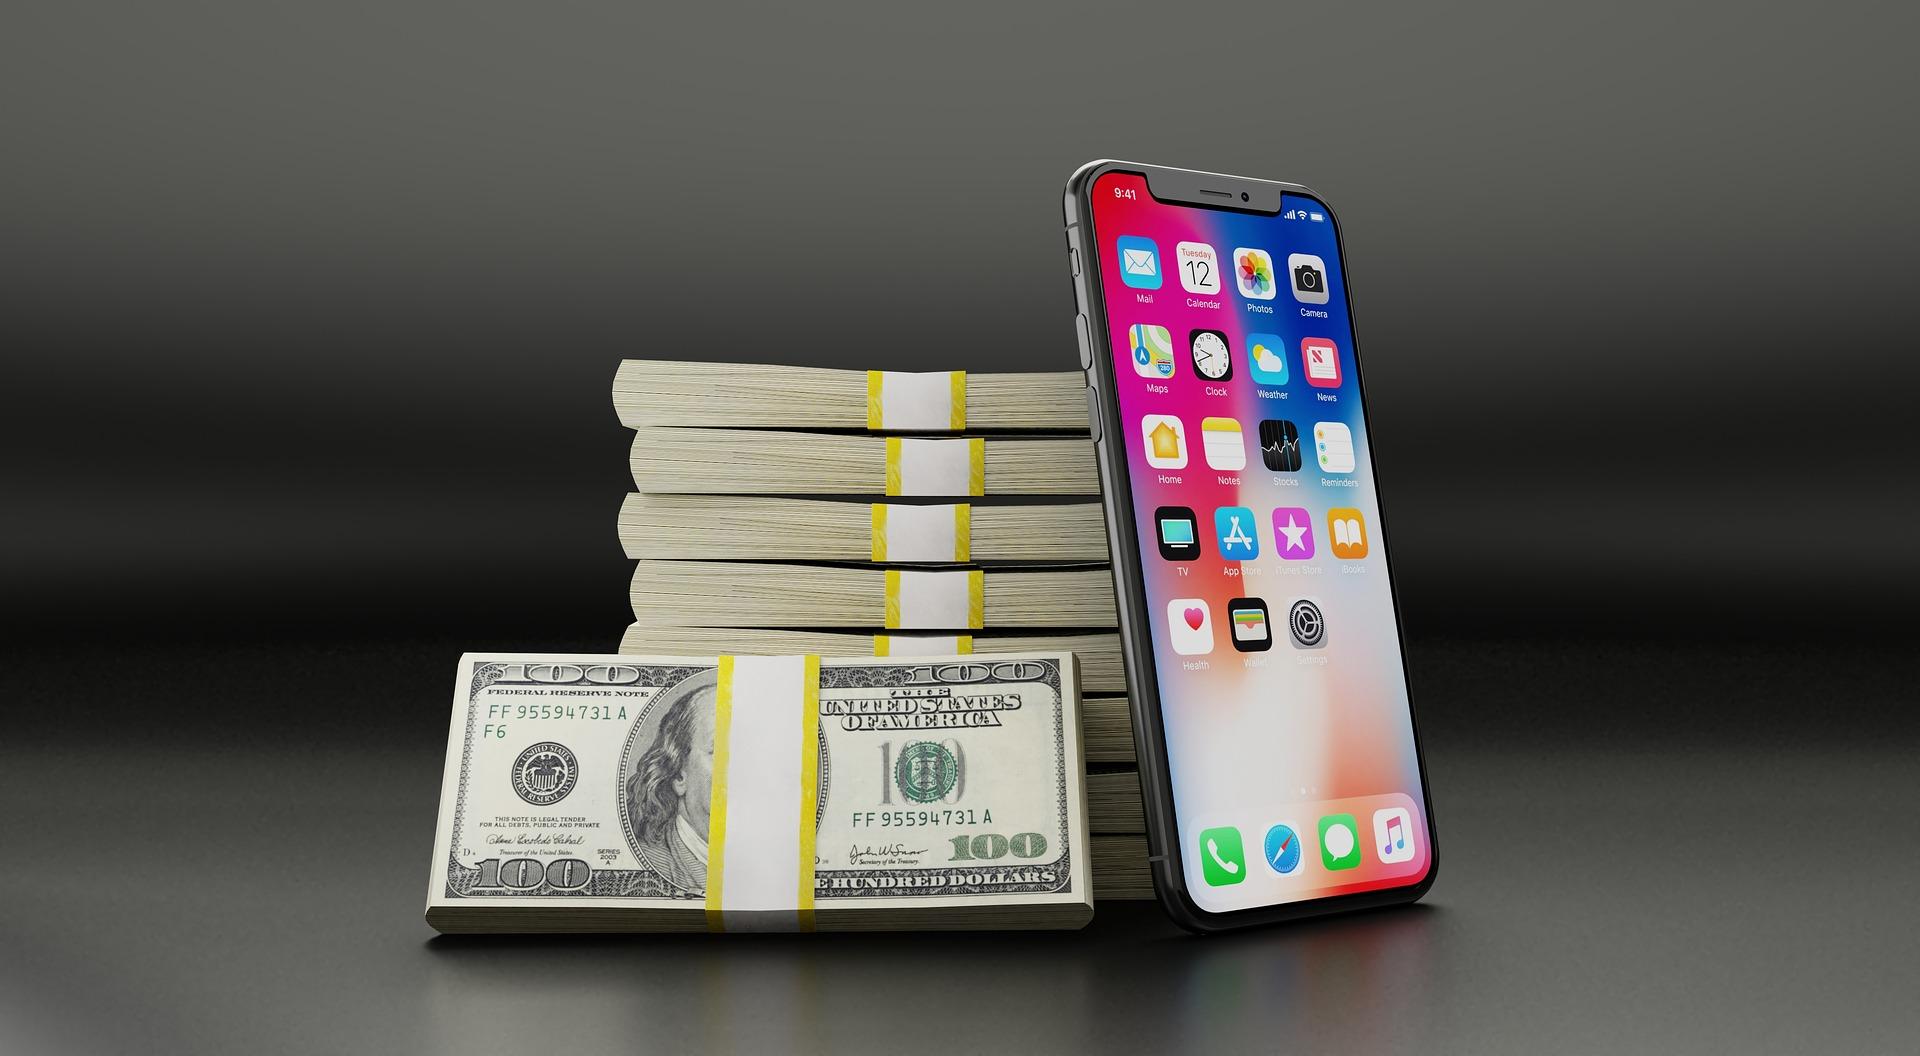 携帯を格安SIMに変えたら年6万円の節約に!オススメする理由と契約手順について